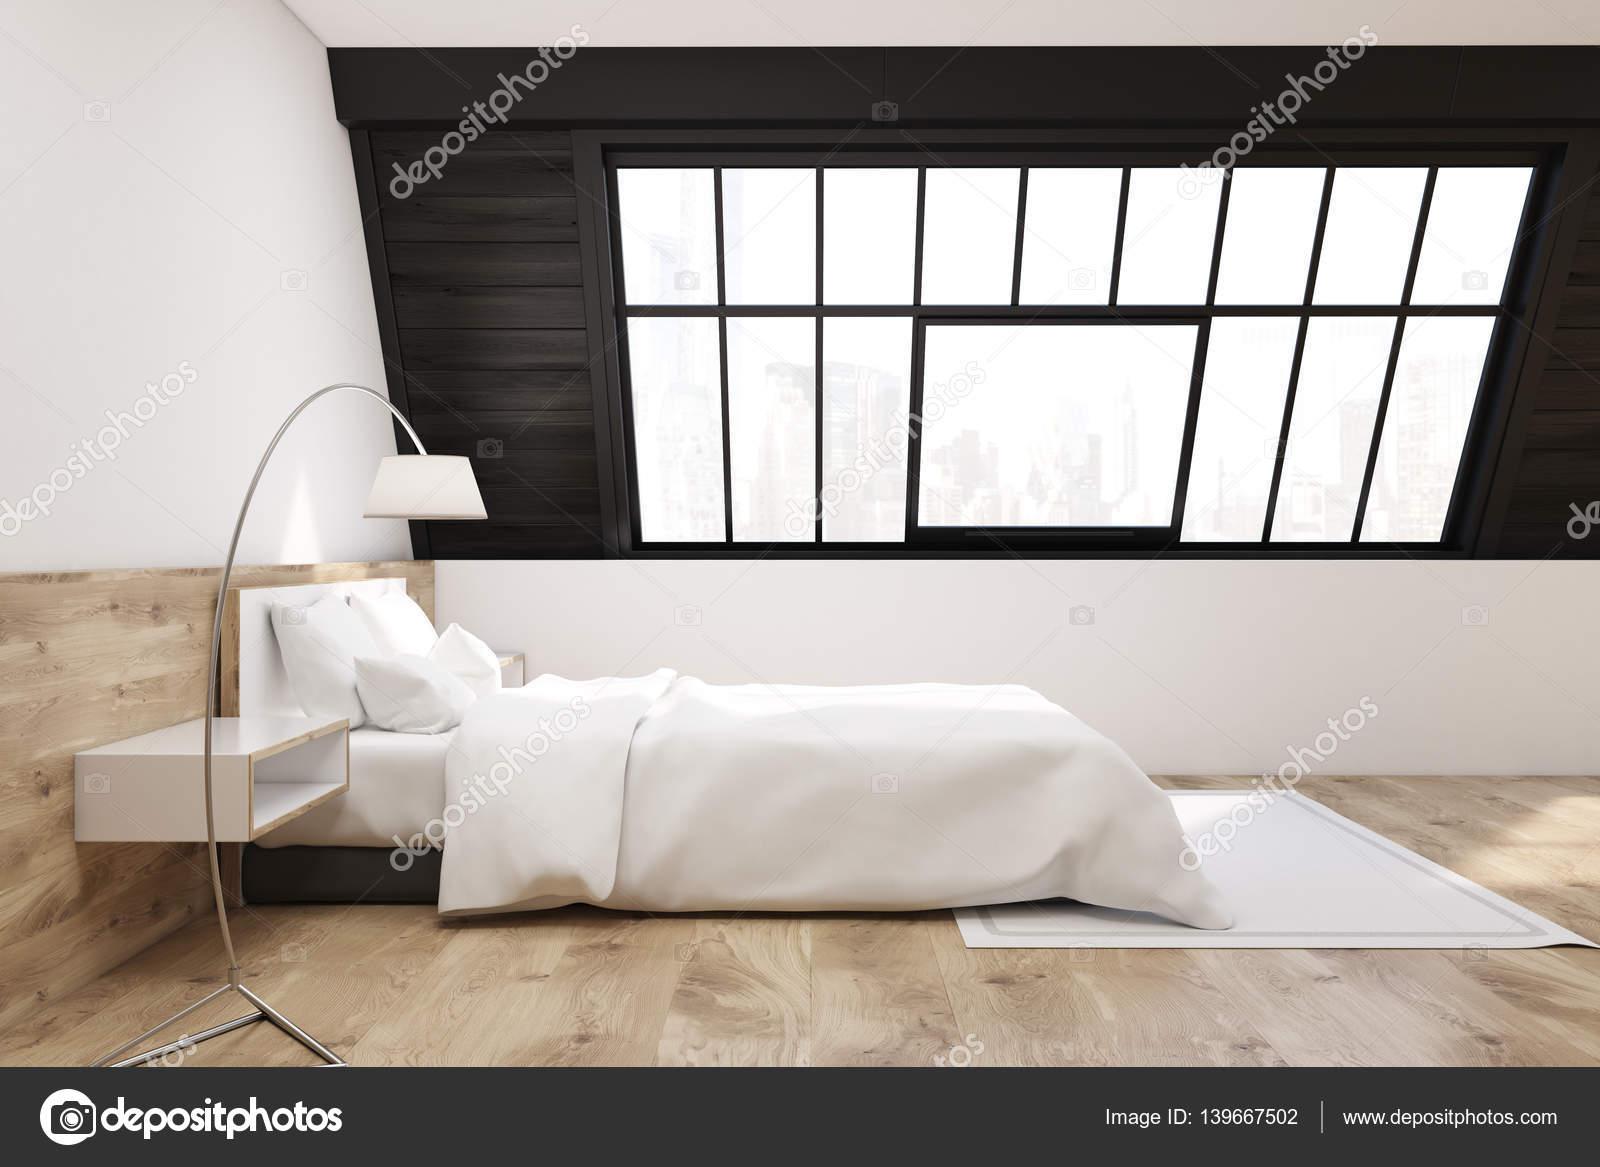 Slaapkamer Met Tapijt : Zijaanzicht van de slaapkamer van een zolder met een tapijt licht